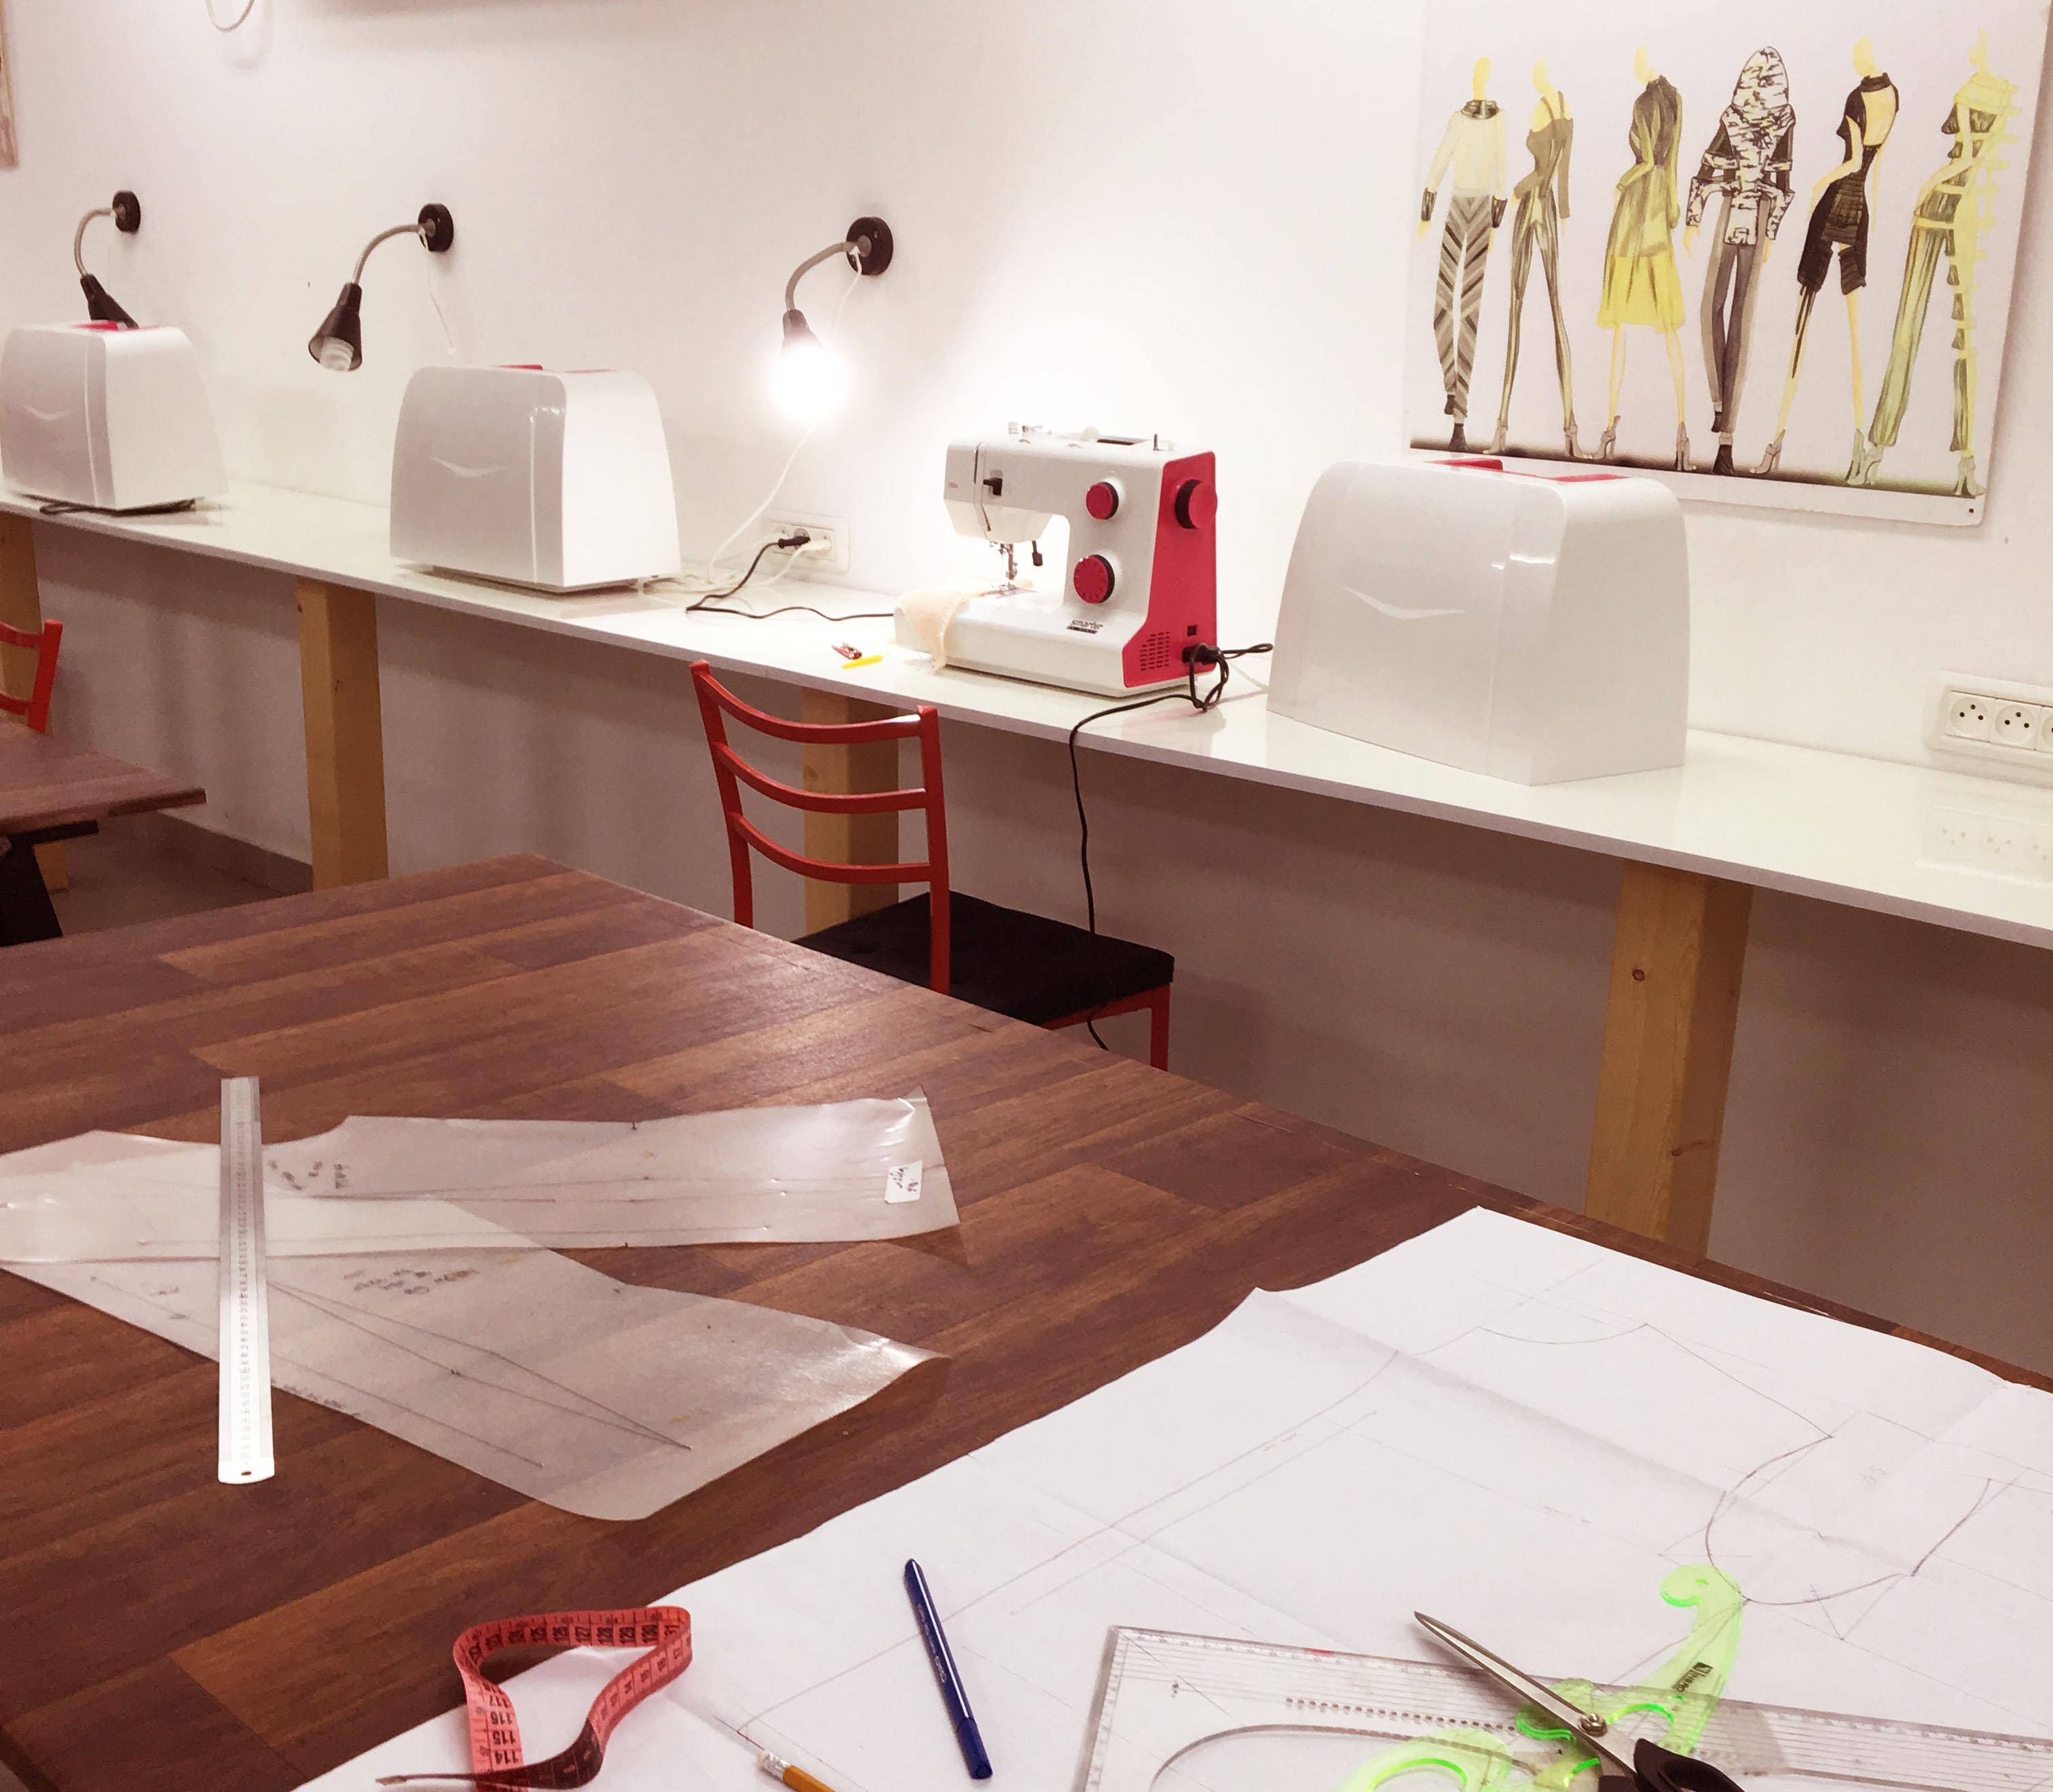 סטודיו דנקה עיצוב, תדמיתנות ותפירה